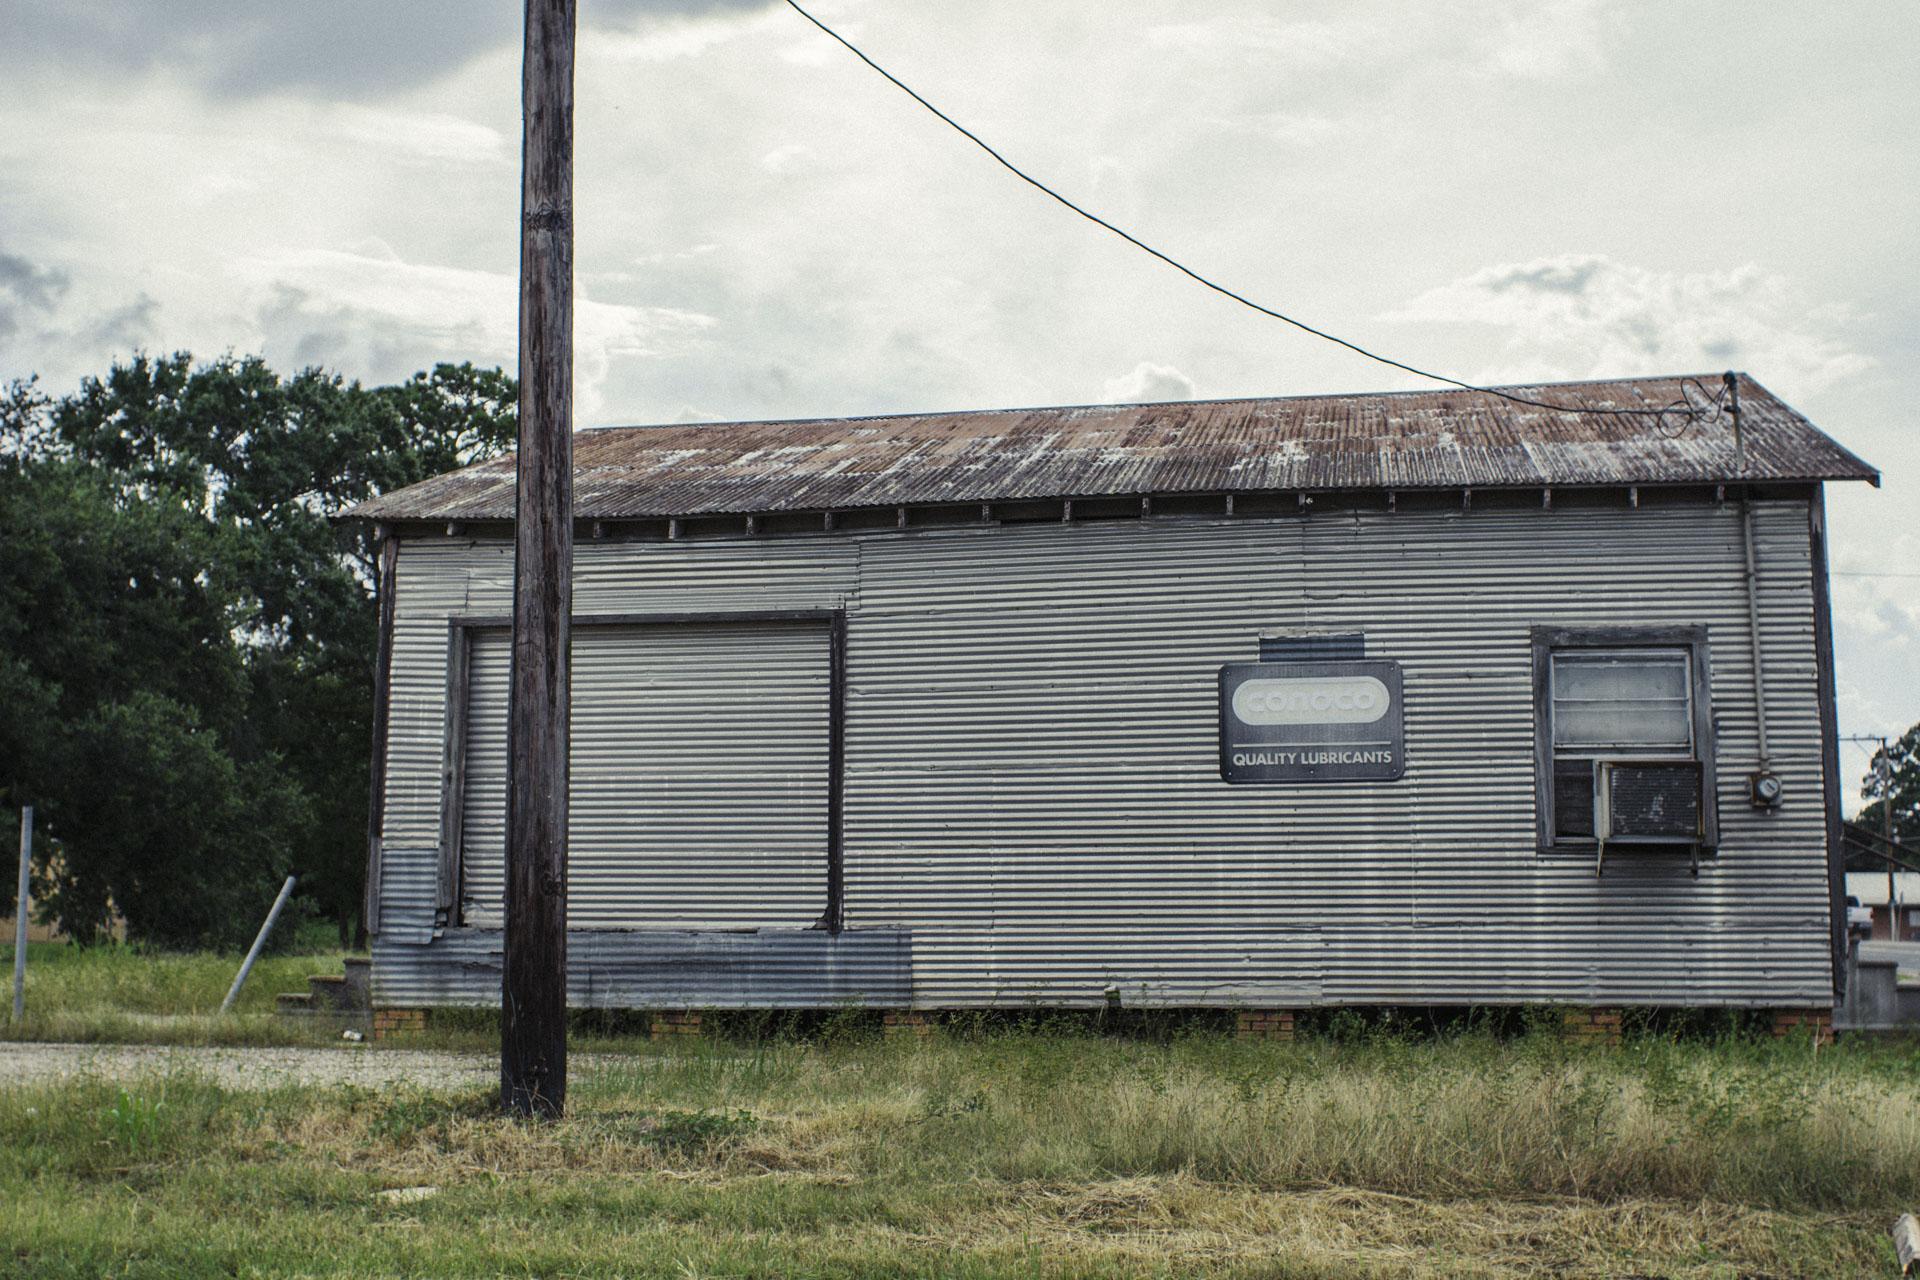 Louisiana_FinalDSC02716.JPG